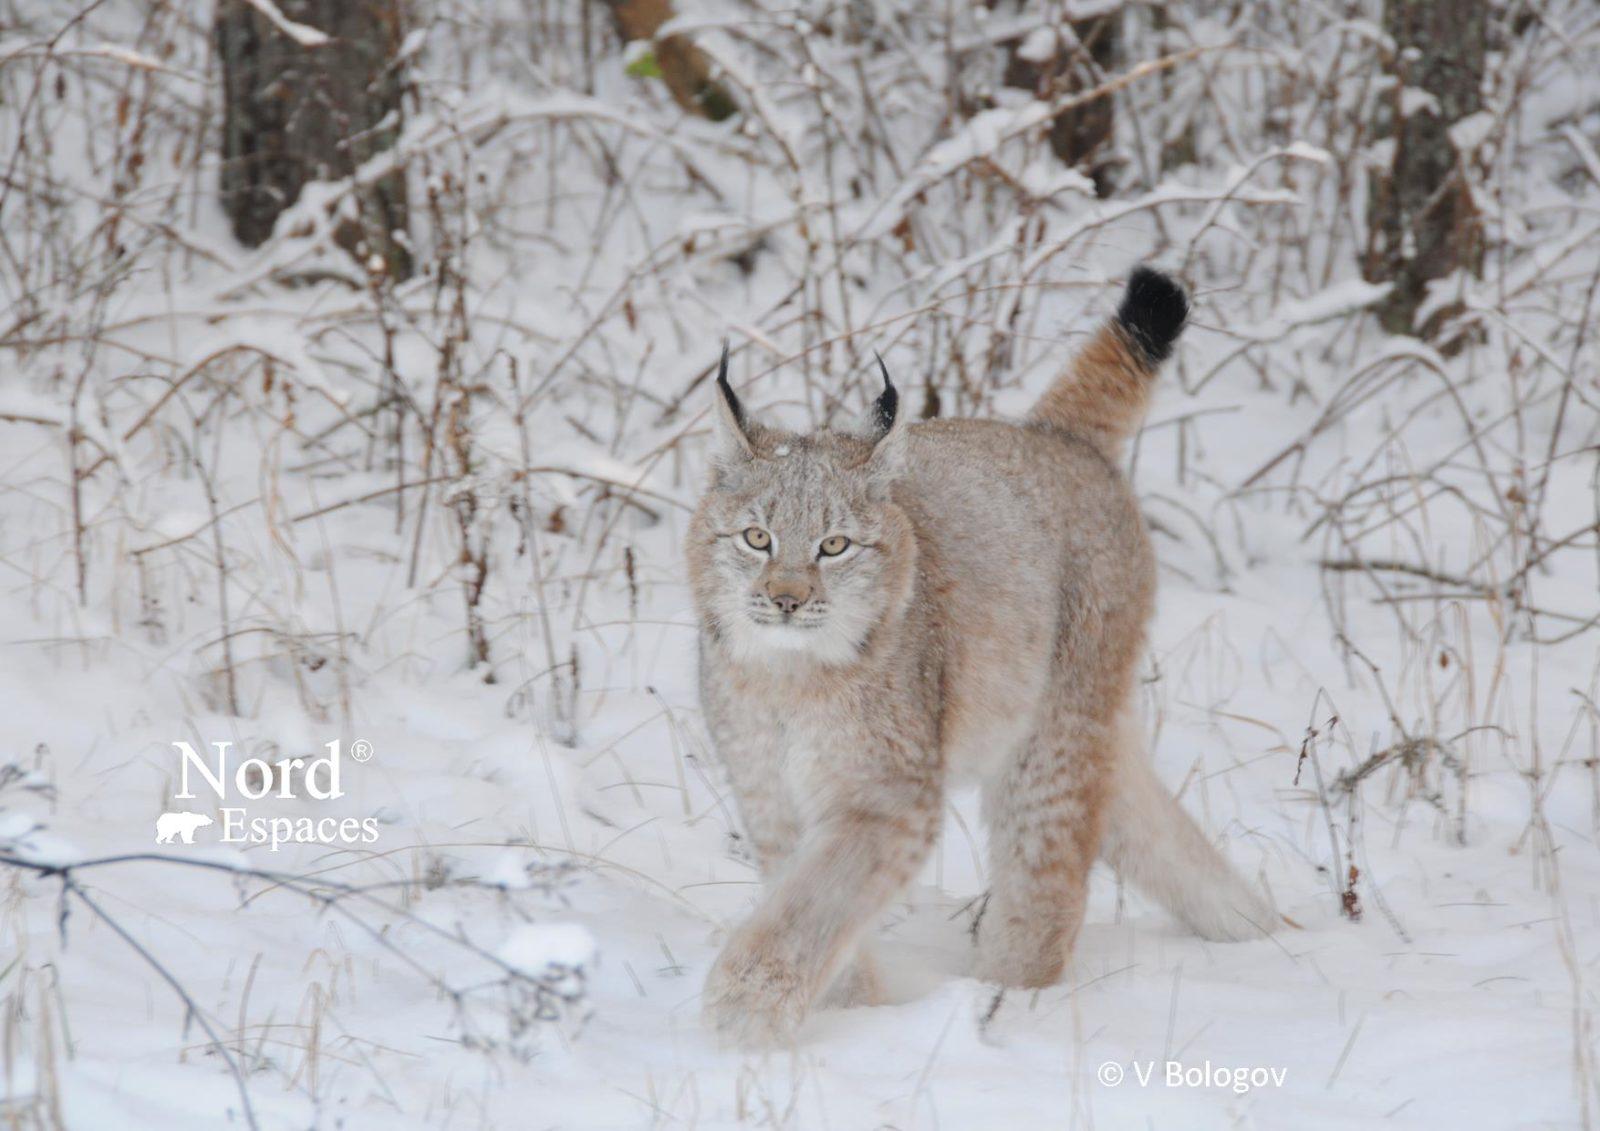 Lynx - Photo V. Bologov